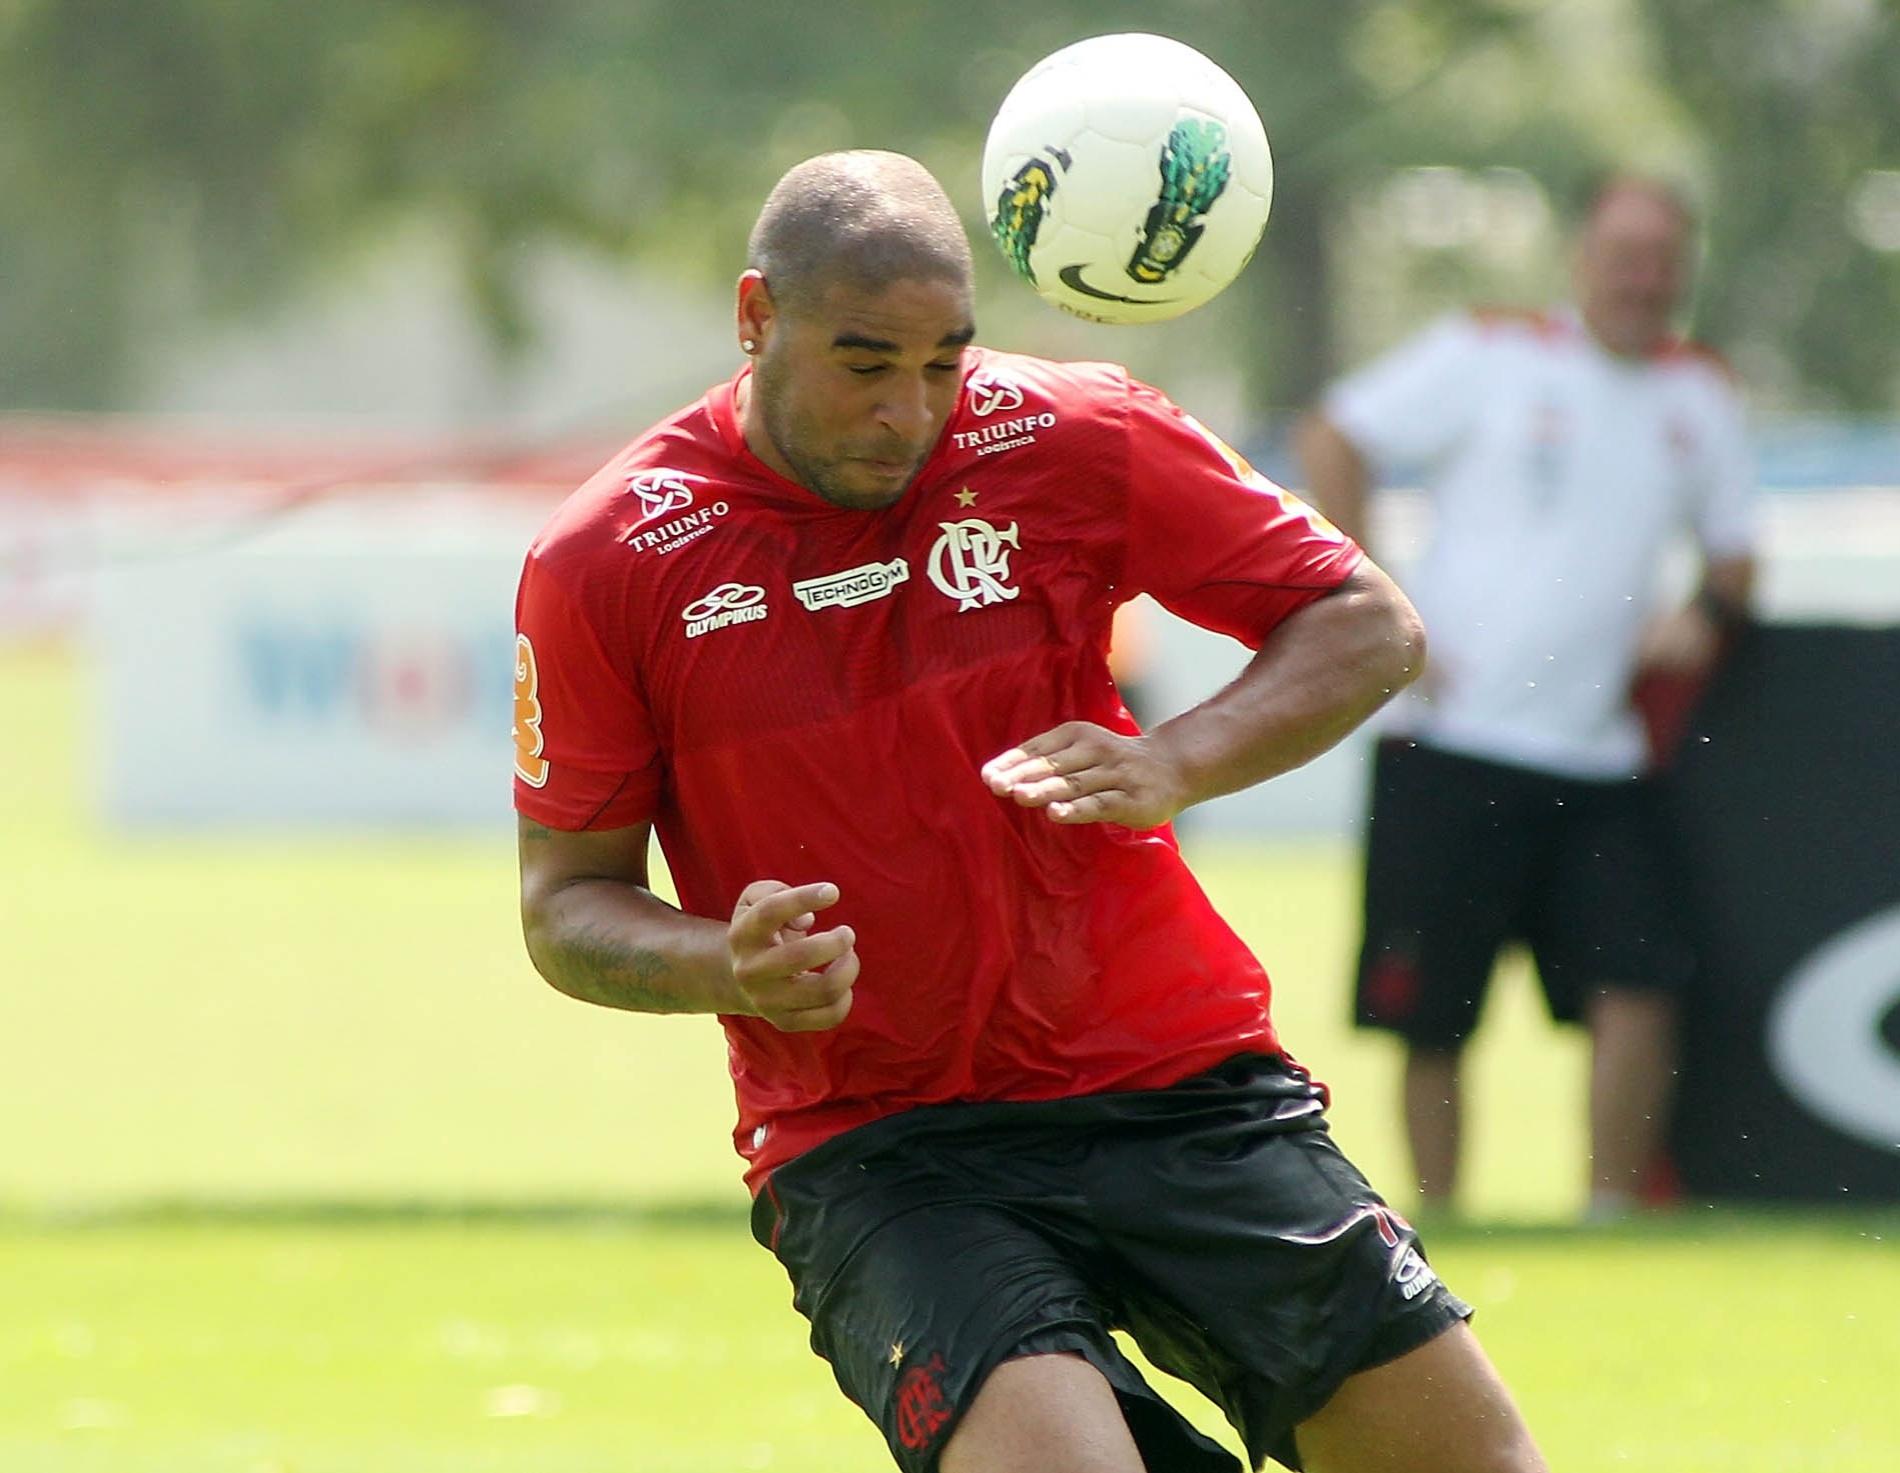 Adriano cabeceia bola durante treino de finalizações do Flamengo no Ninho do Urubu